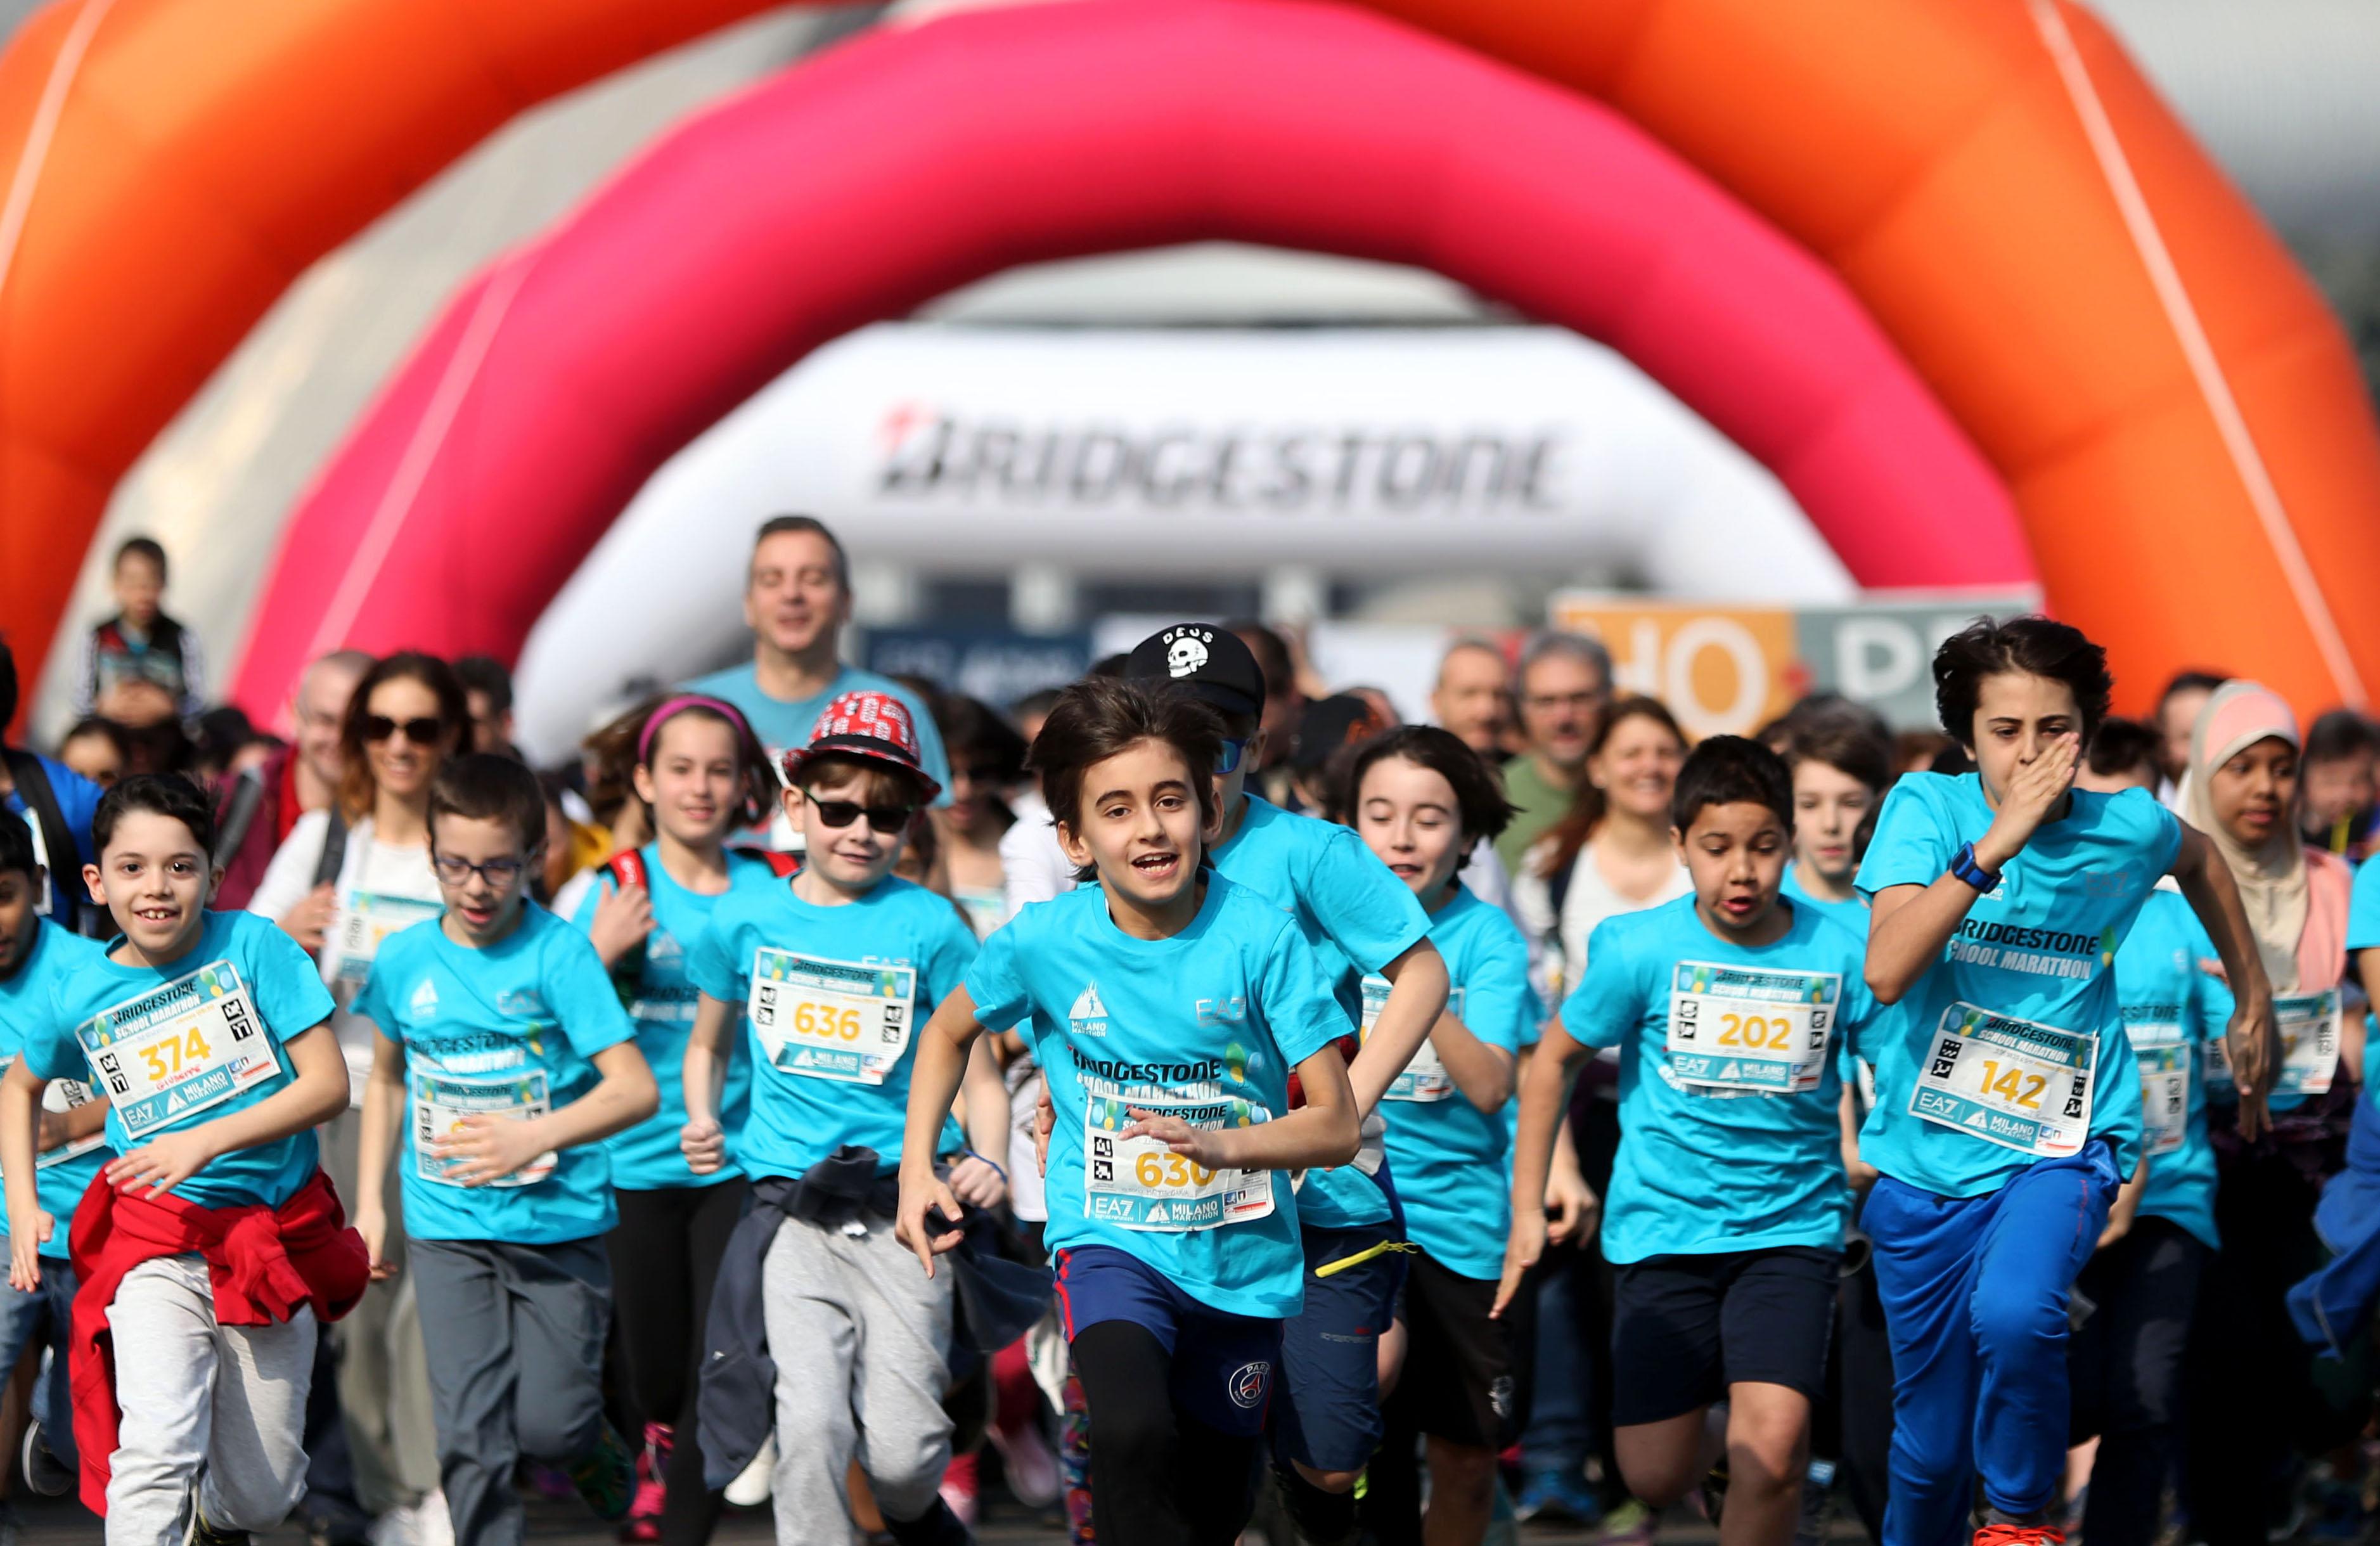 Bridgestone School Marathon, i piccoli runner tornano protagonisti, su un percorso ancora più bello